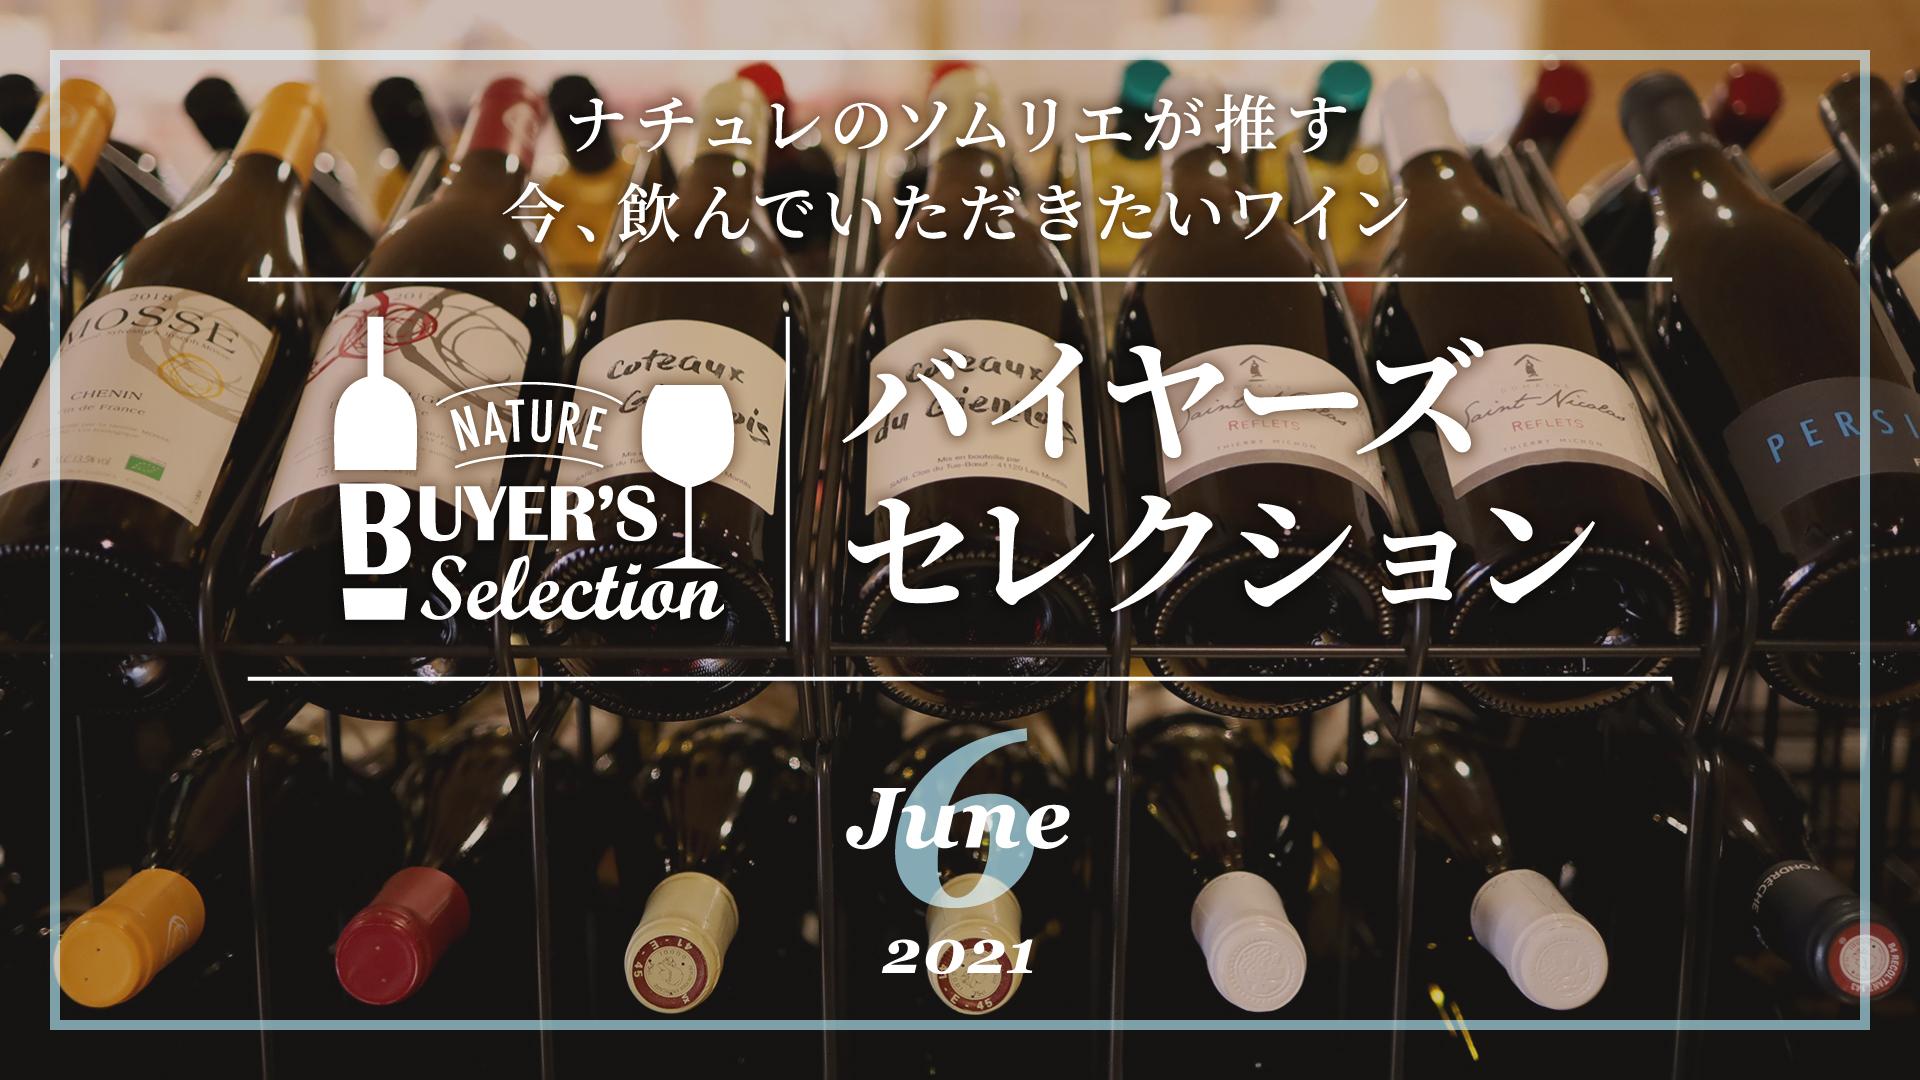 2021年6月 ワインバイヤーズセレクションUPしました。